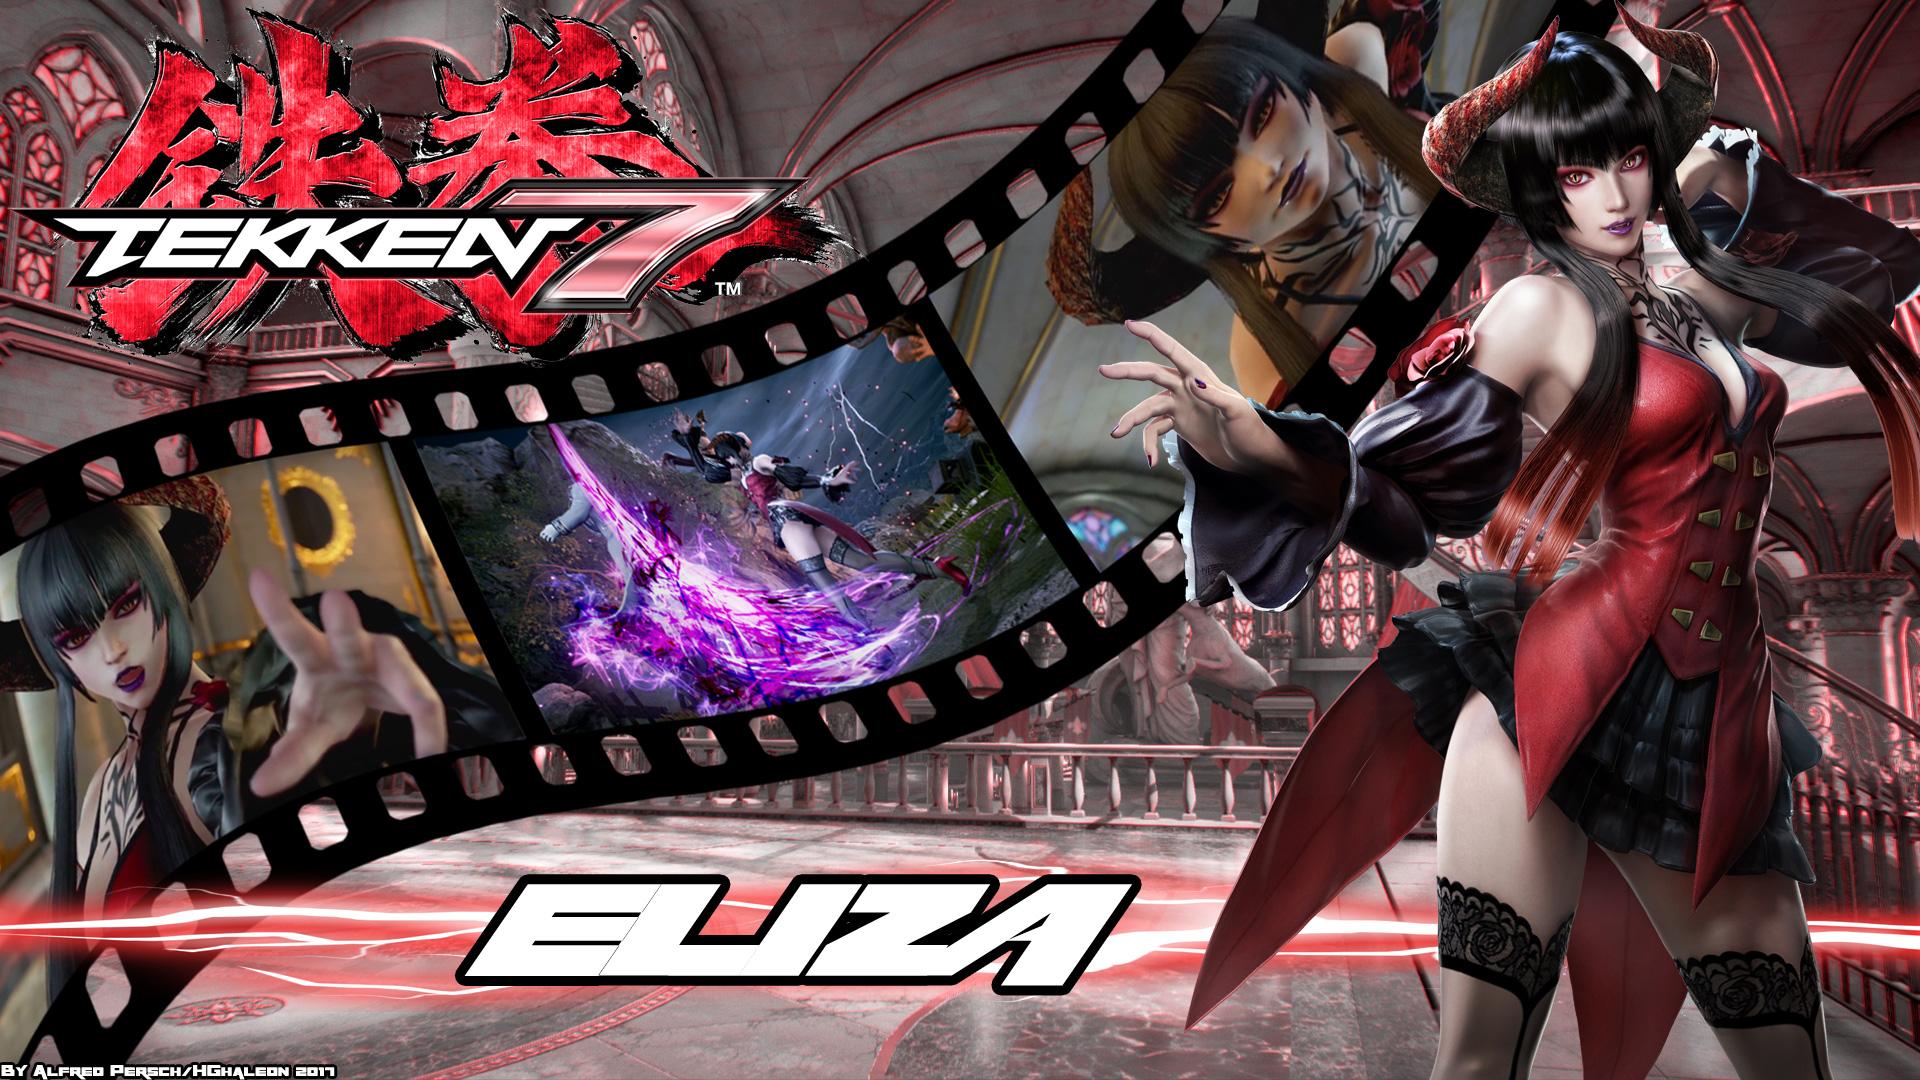 Tekken 7 Eliza 2 Ps4wallpapers Com